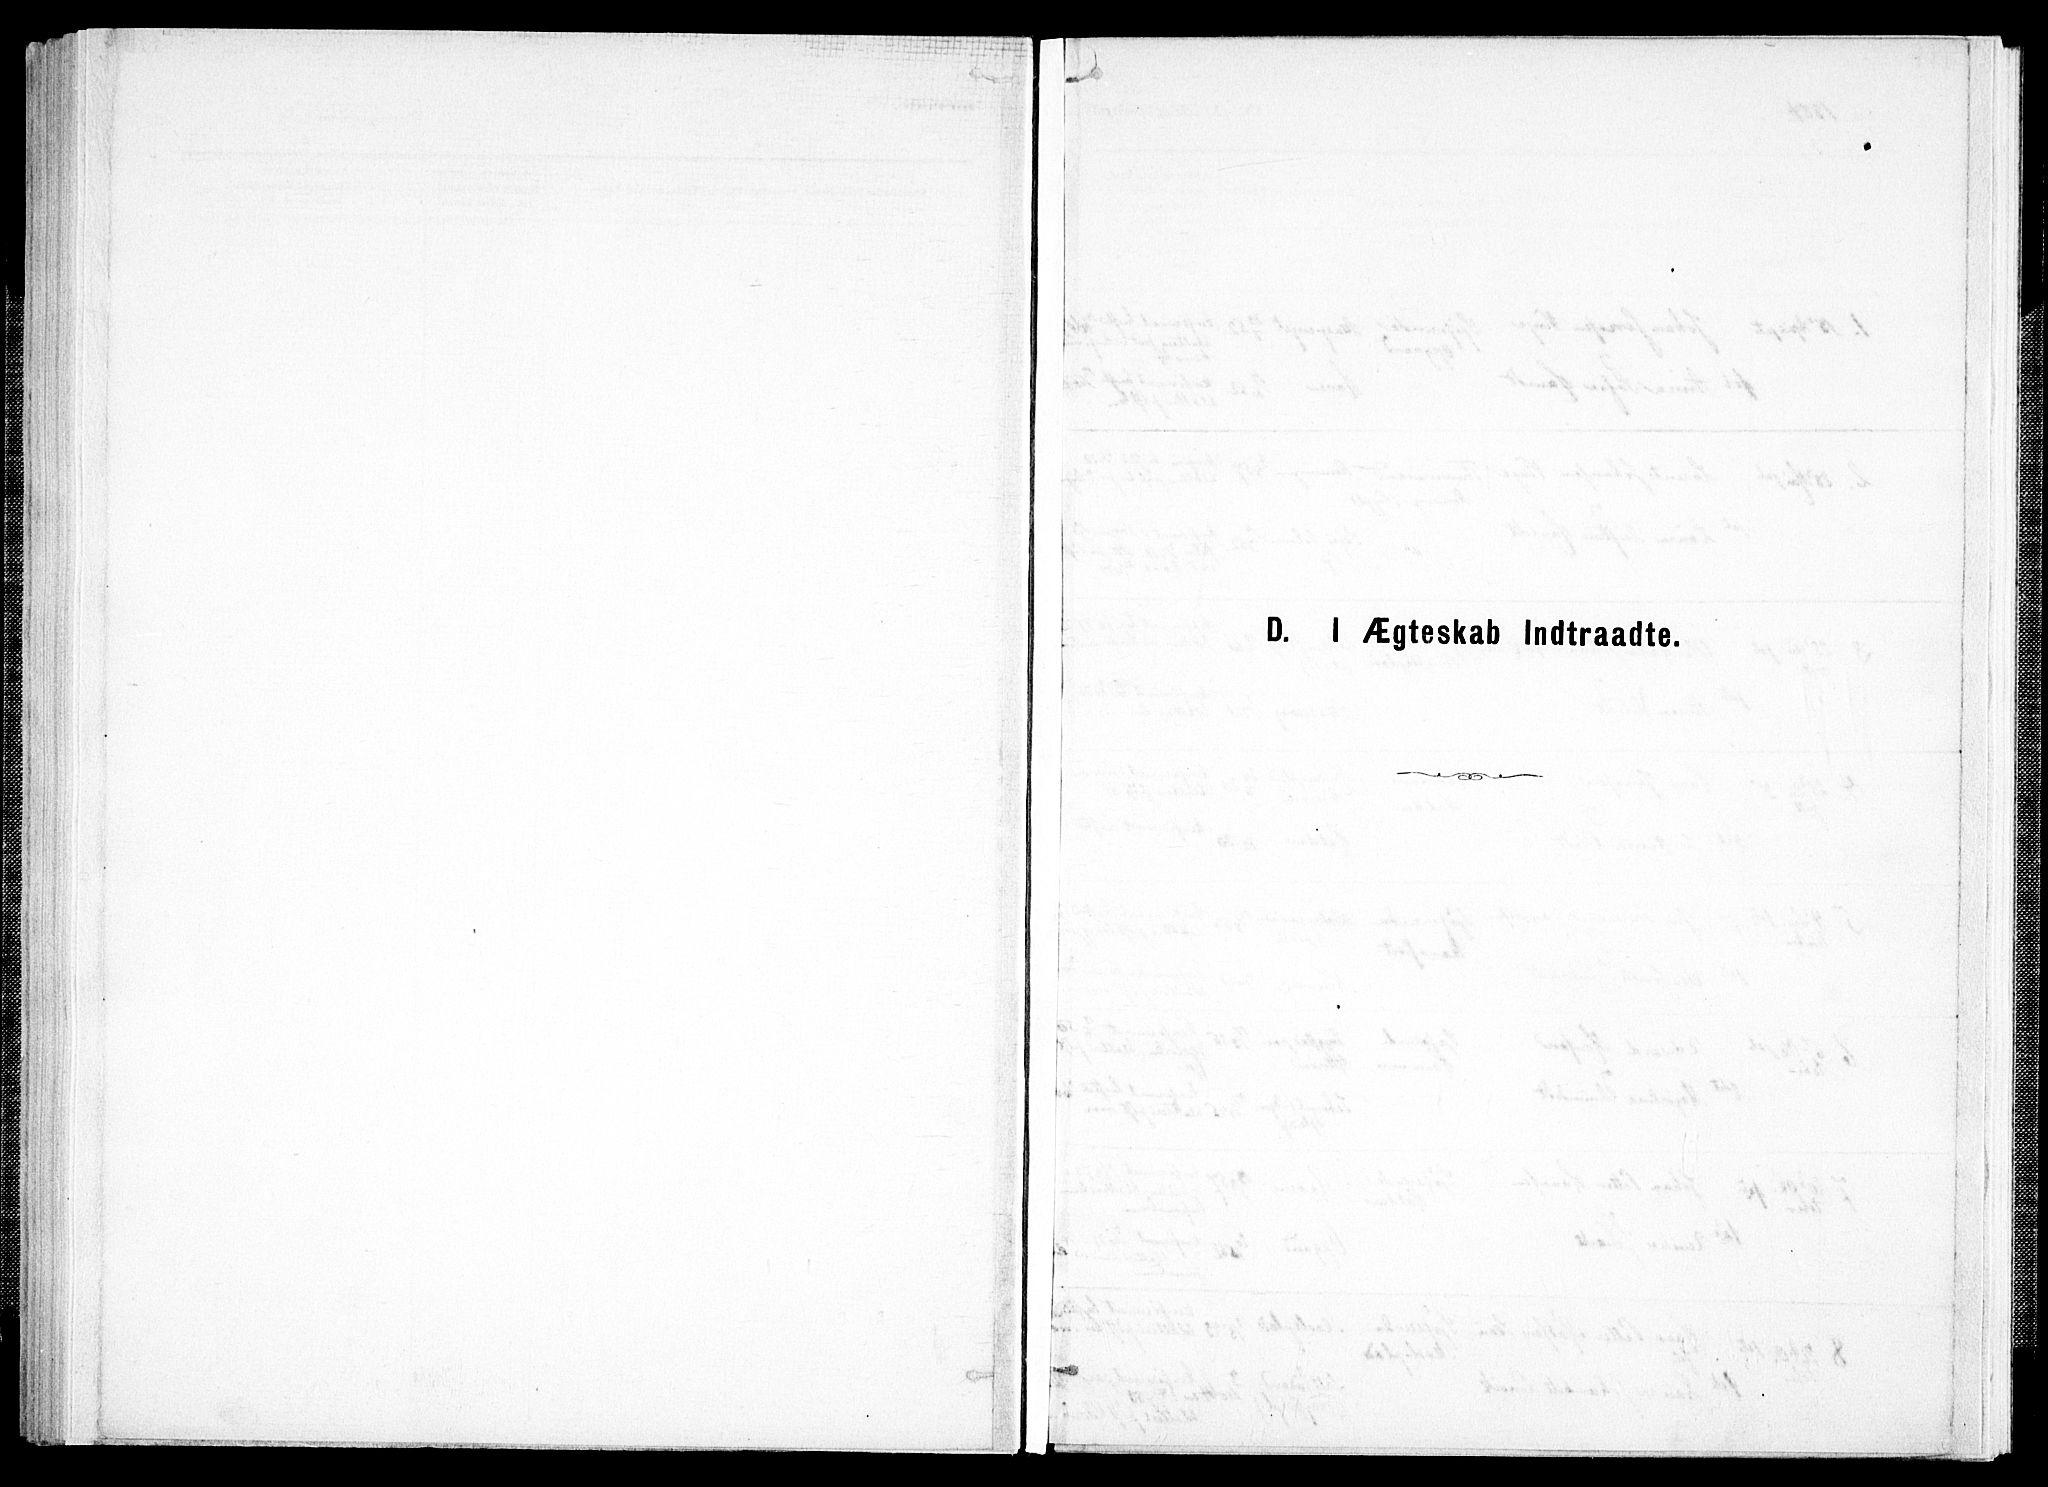 SAT, Ministerialprotokoller, klokkerbøker og fødselsregistre - Nord-Trøndelag, 733/L0325: Ministerialbok nr. 733A04, 1884-1908